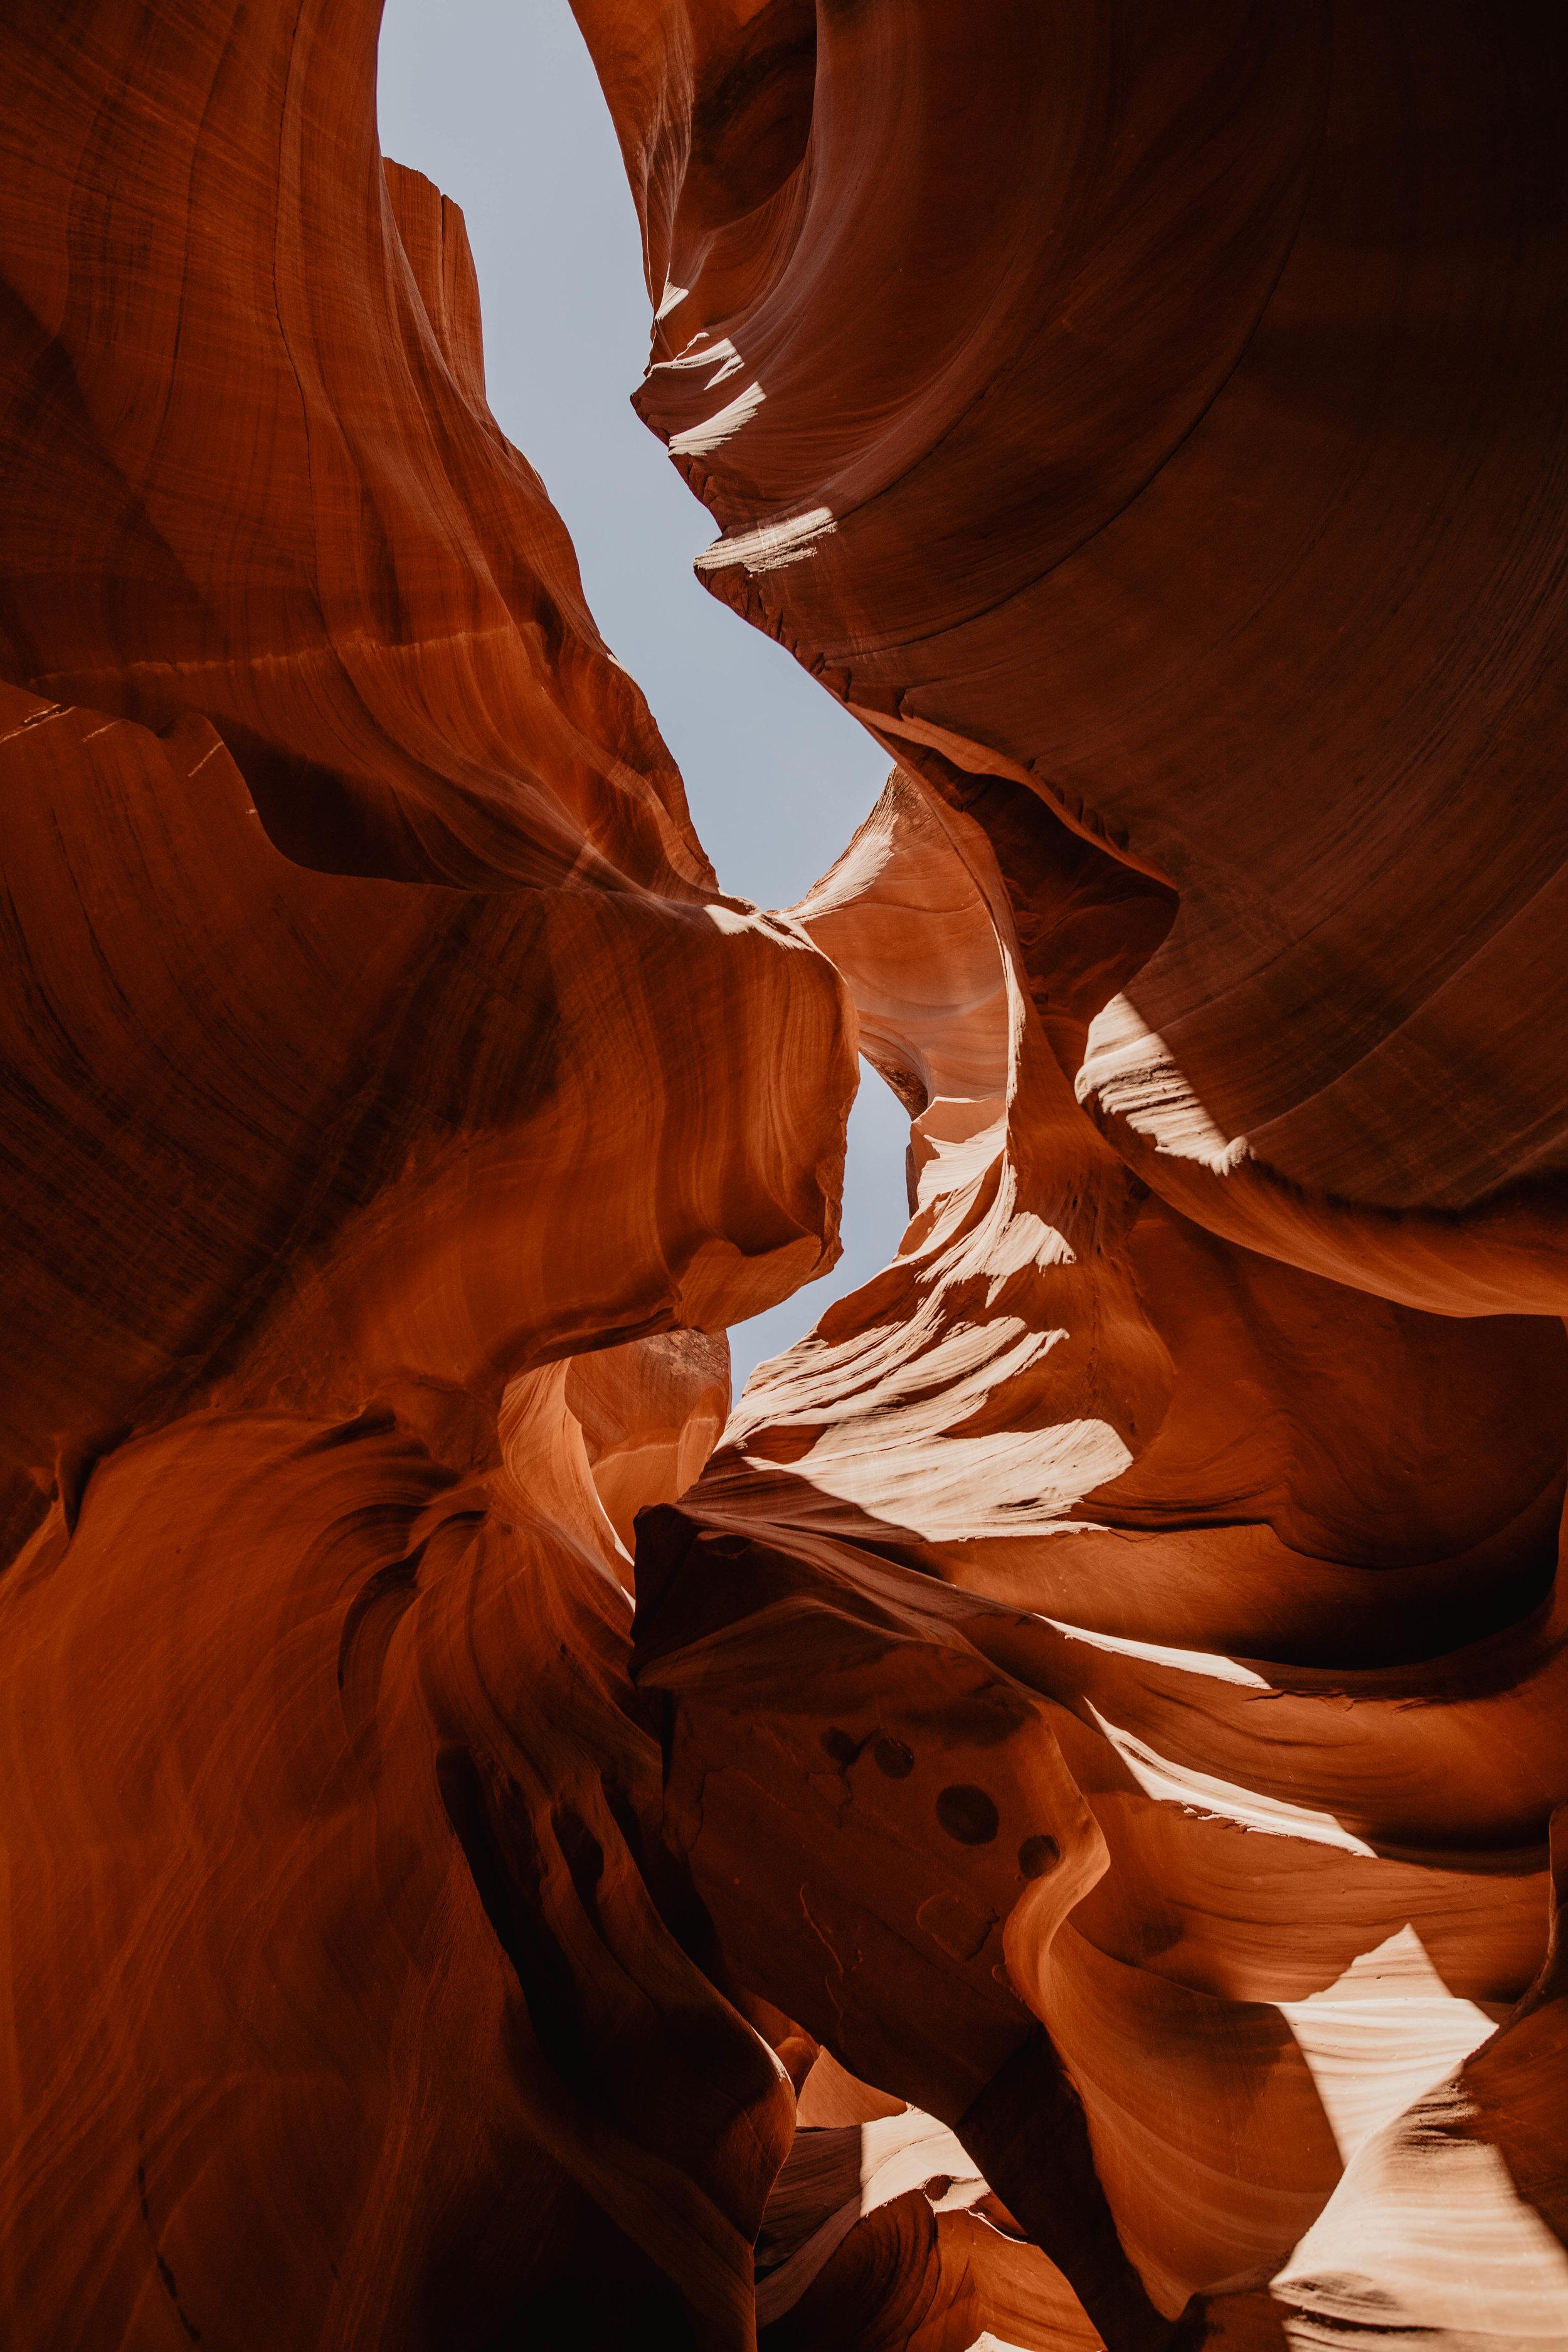 11. Antelope Canyon